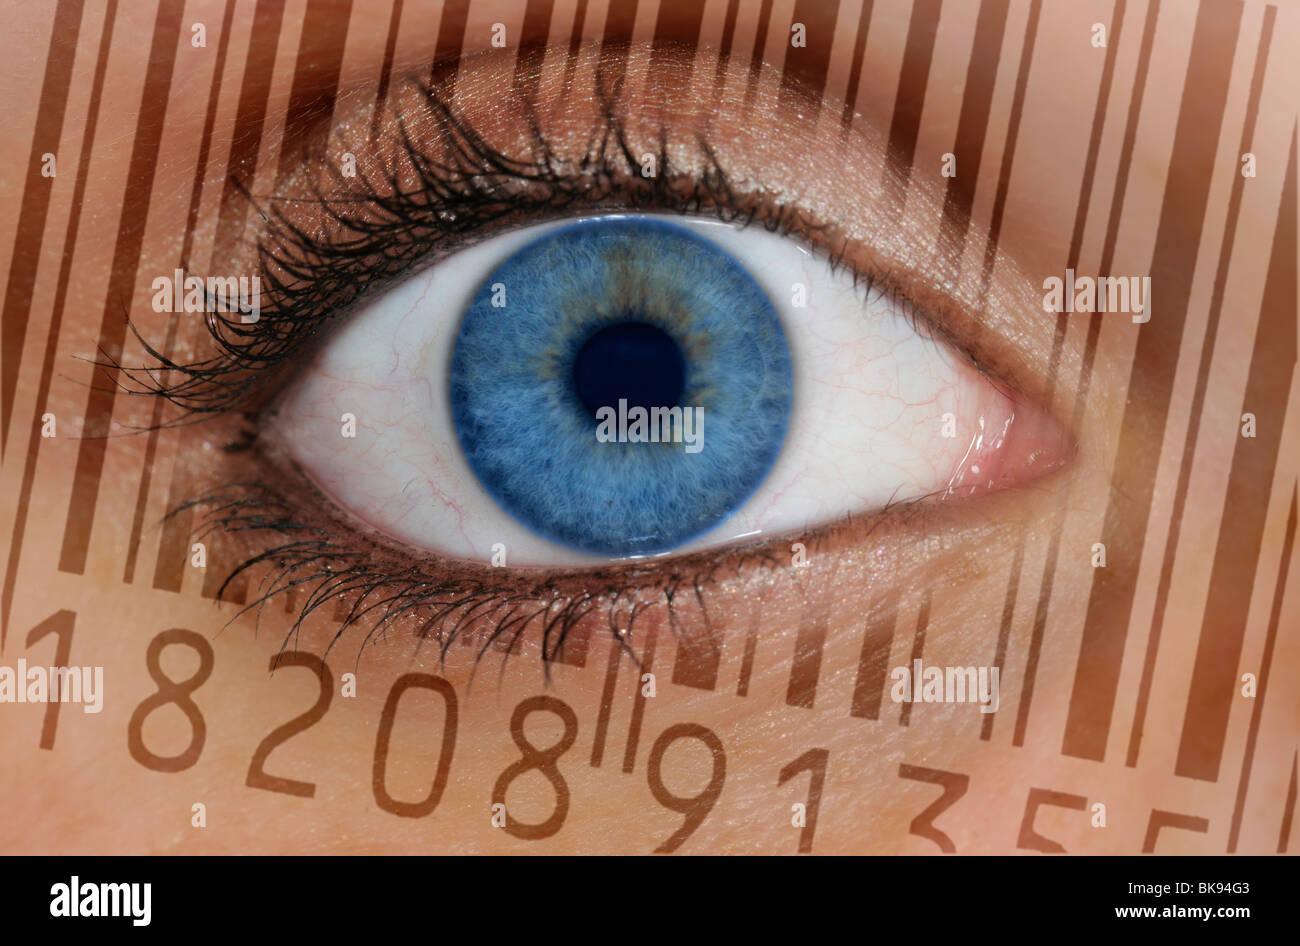 Nahaufnahme eines Auges mit dem EAN-Barcode, europäische Artikelnummer auf der Iris, symbolisches Bild für Stockbild